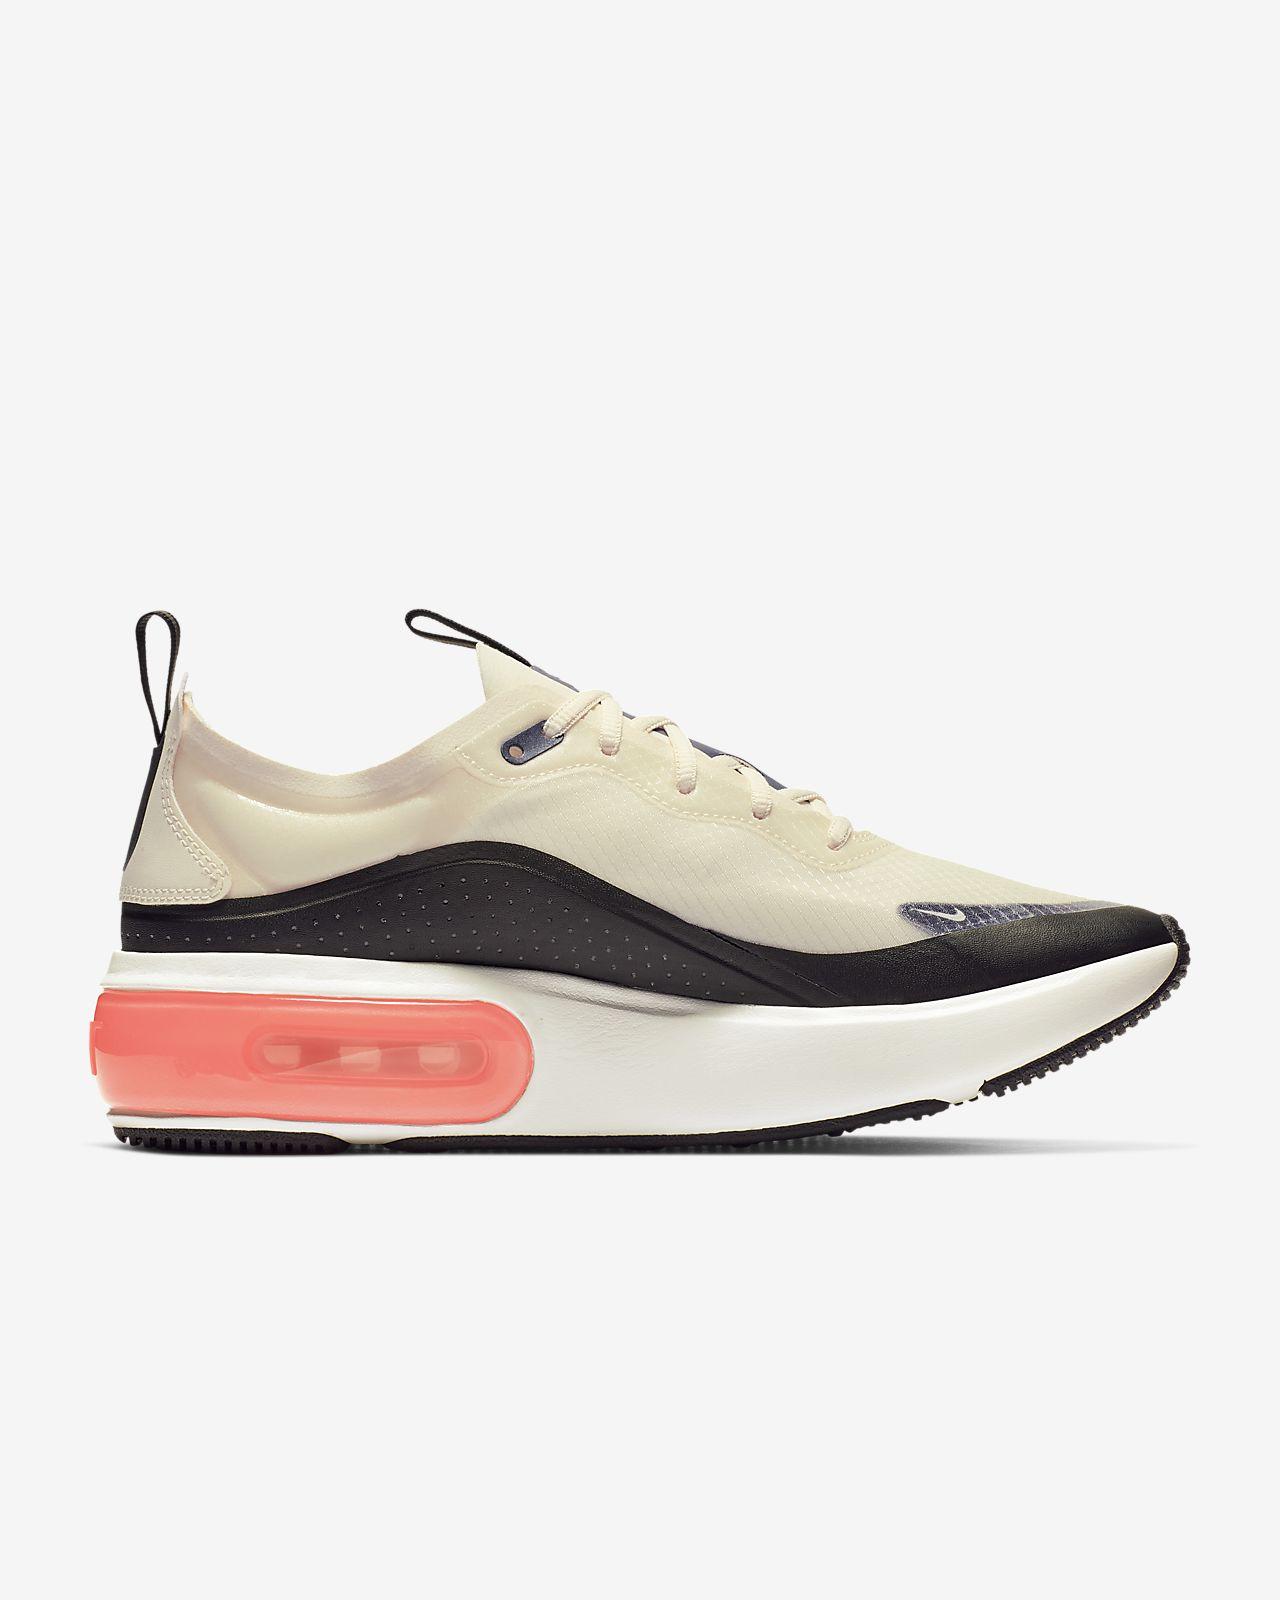 Få snyggt skor på Nike Air Max Zero